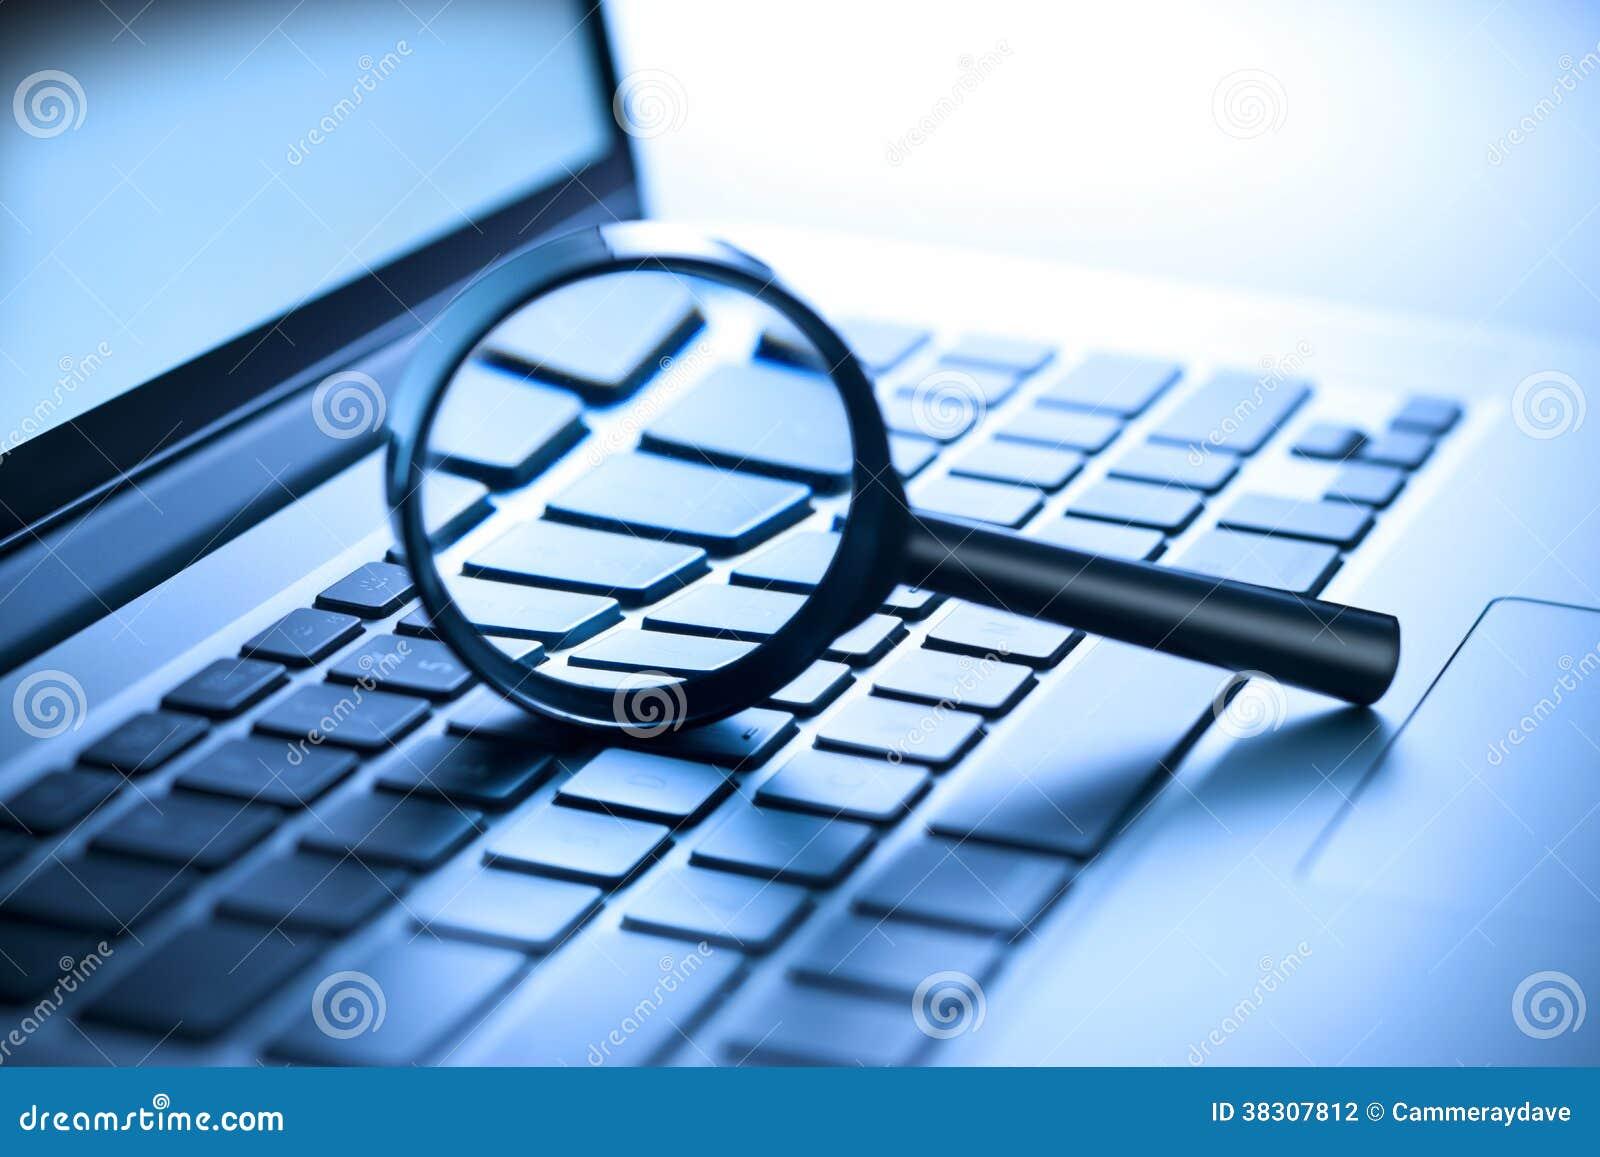 计算机放大镜安全